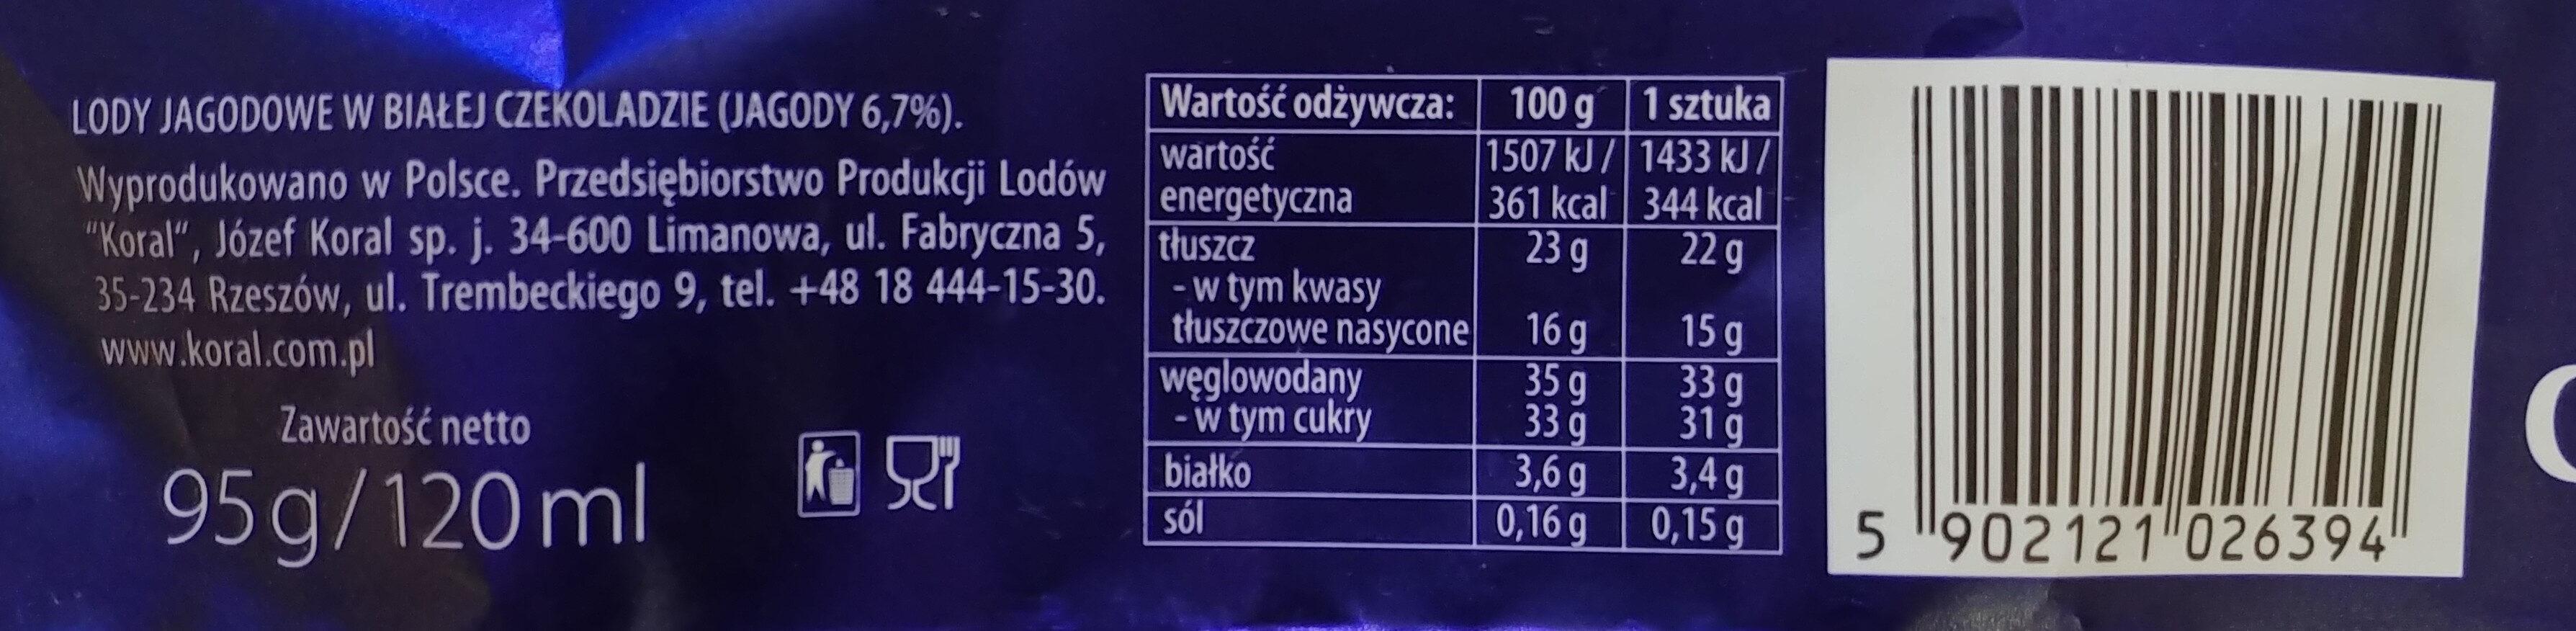 Lody jagodowe w białej czekoladzie. - Wartości odżywcze - pl